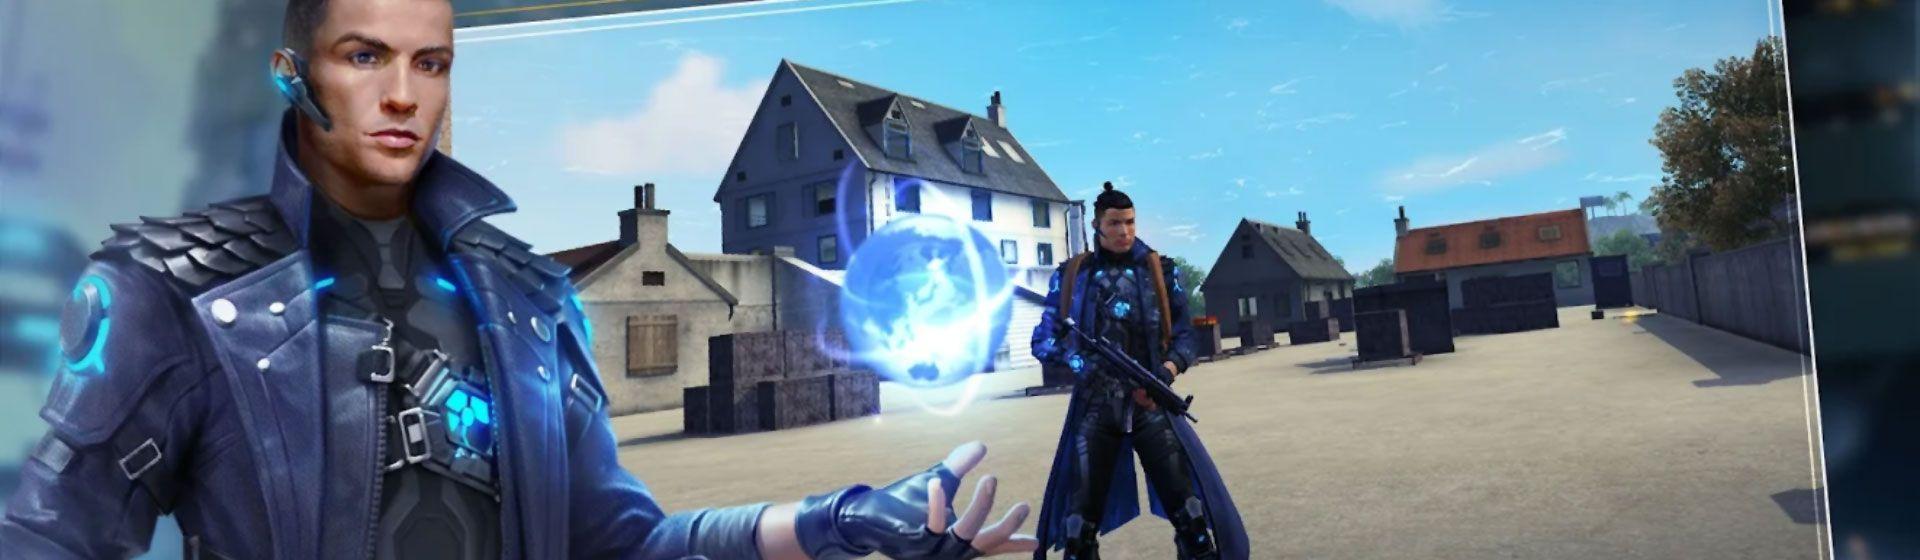 Free Fire recebe Chrono, novo personagem no jogo para celulares